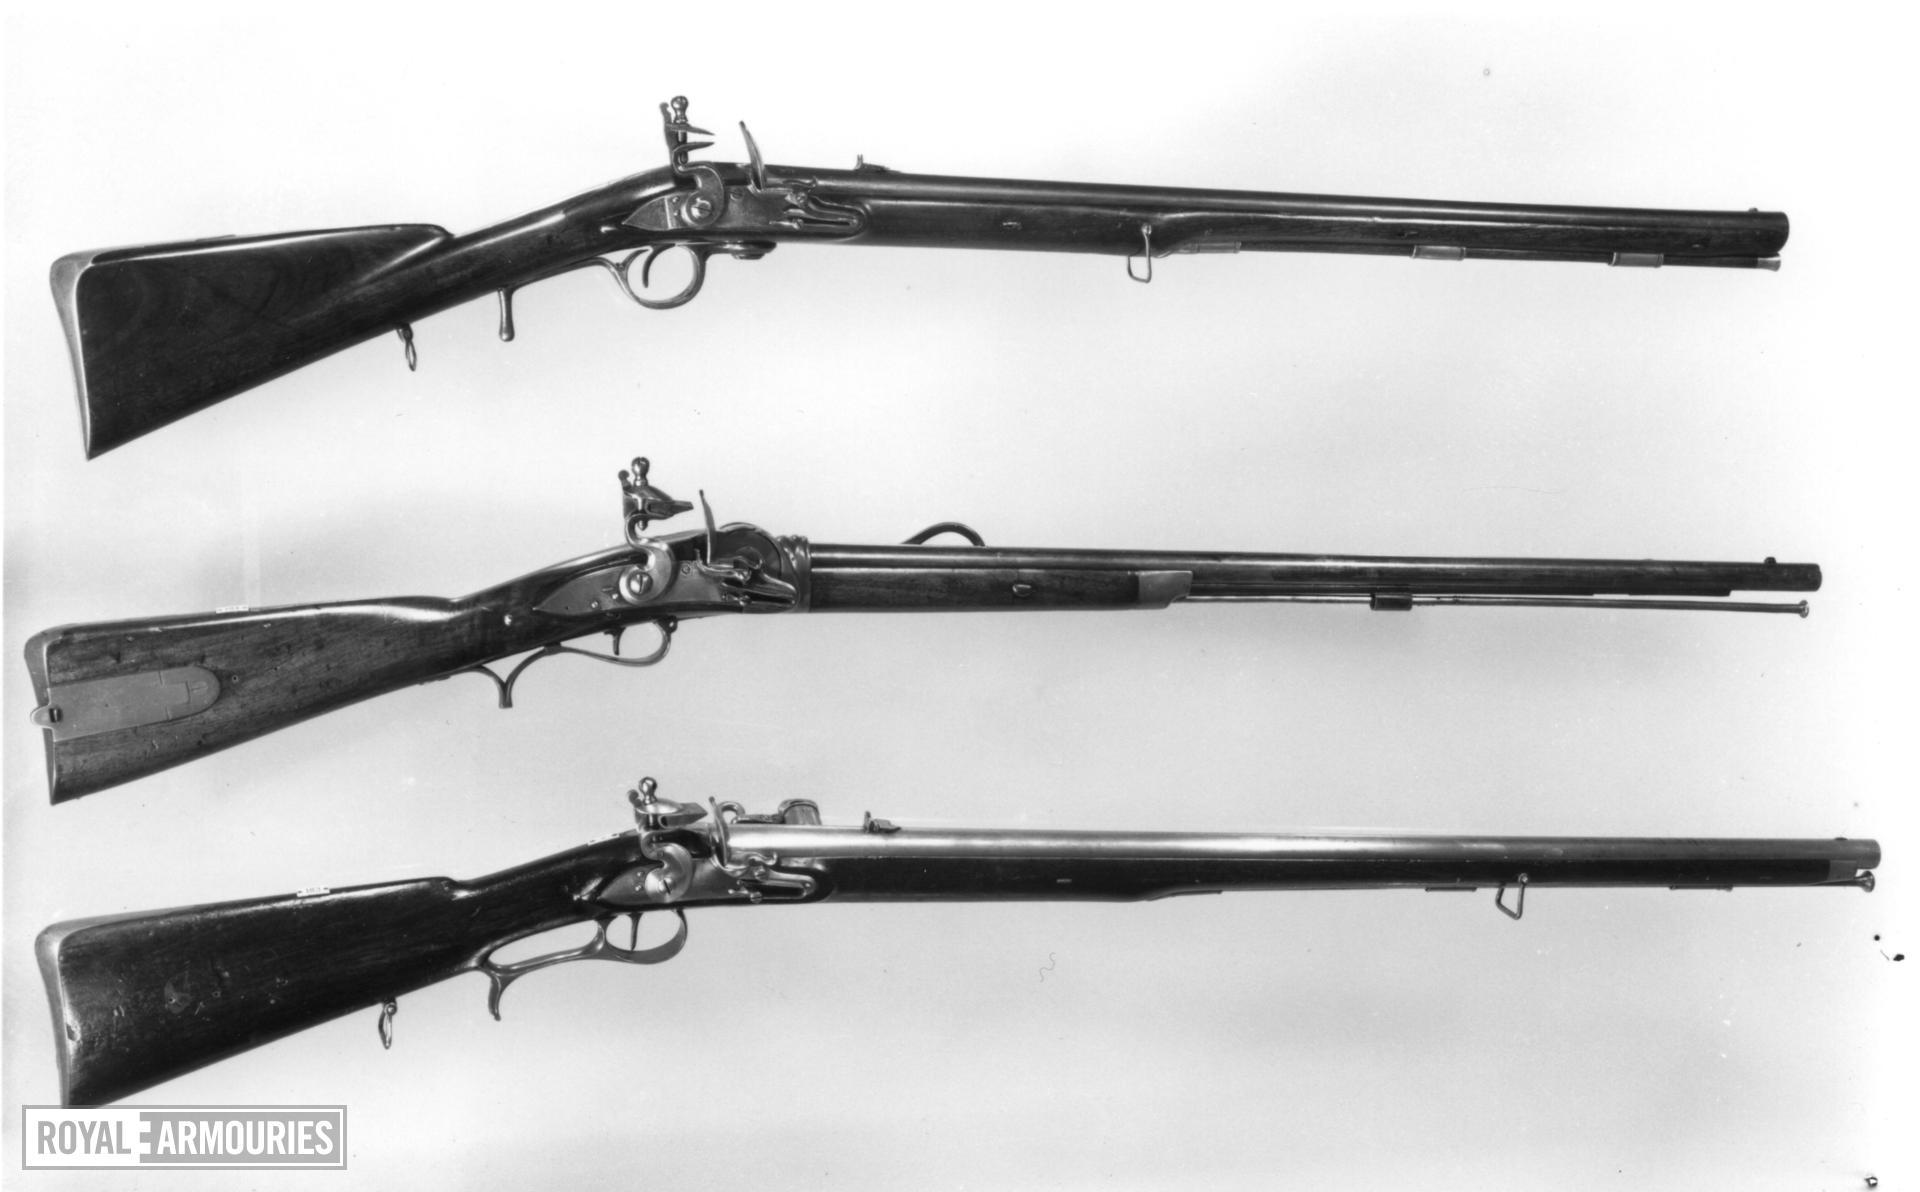 Flintlock breech-loading rifle - Hulme's Rifle